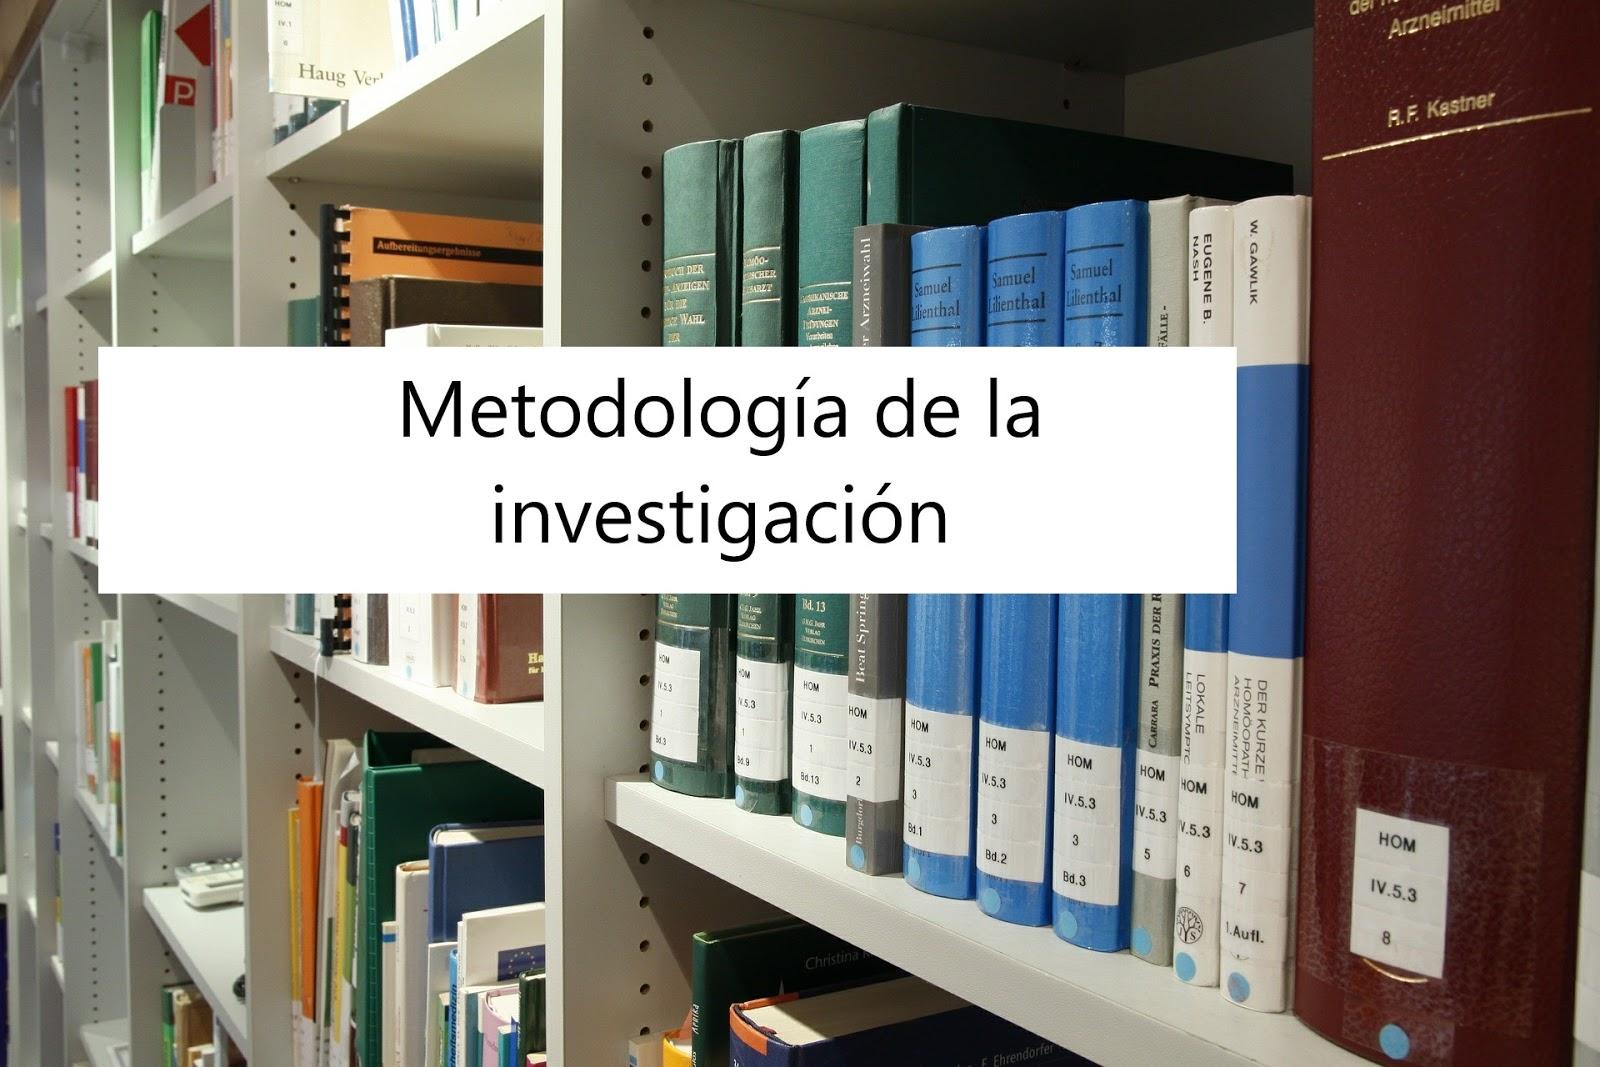 Metodología de la investigación, 6ta edición.